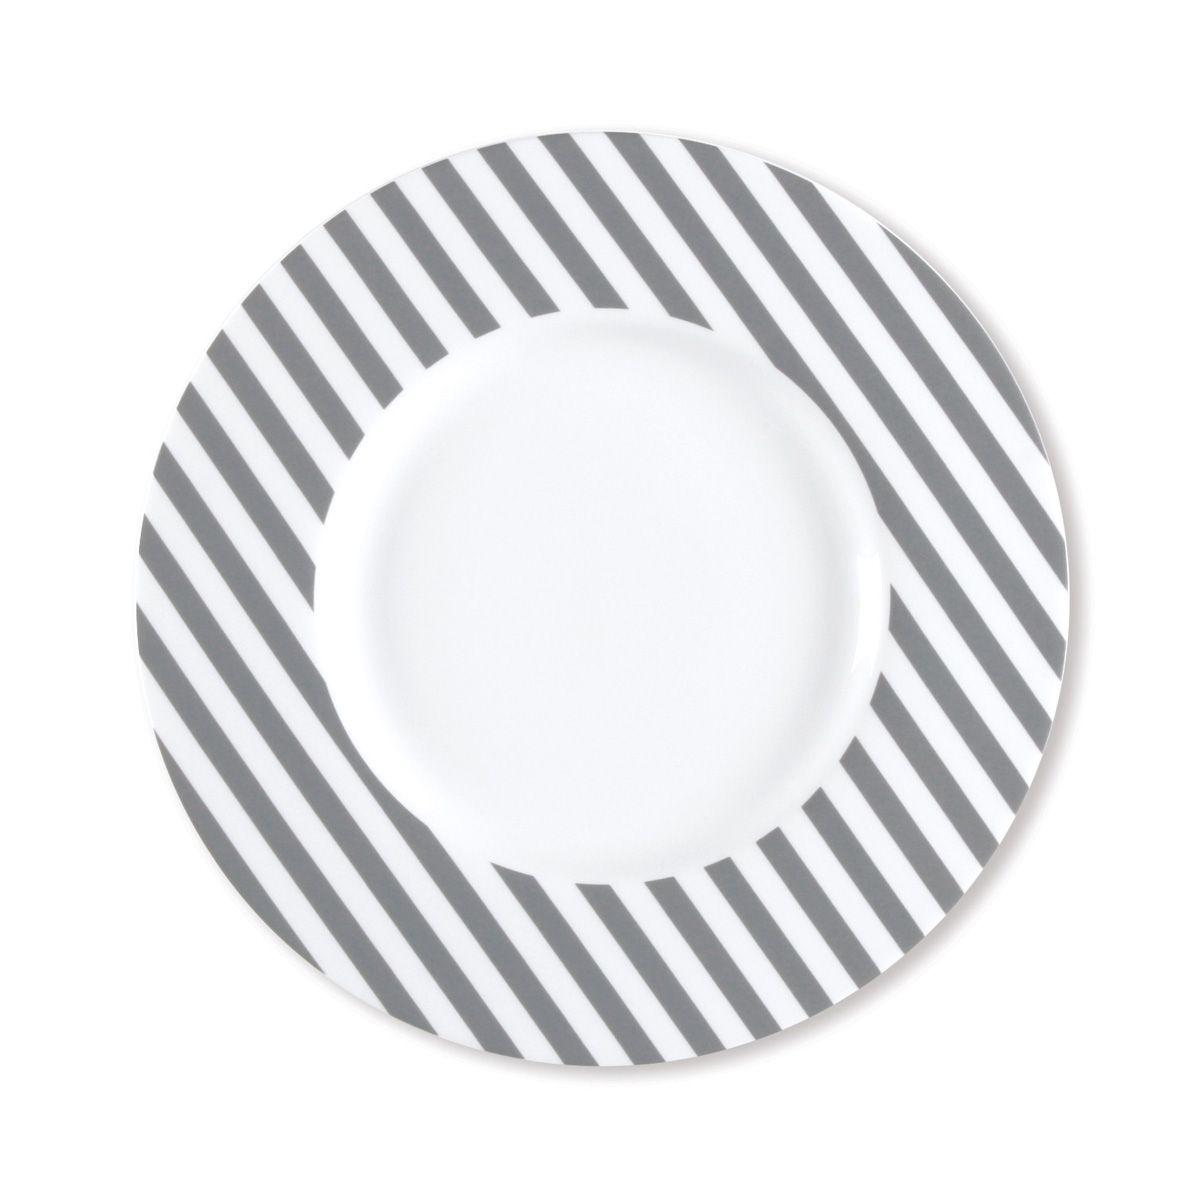 Assiette dessert à rayures gris en porcelaine 23cm - Lot de 6 - FRESHNESS STRIPE